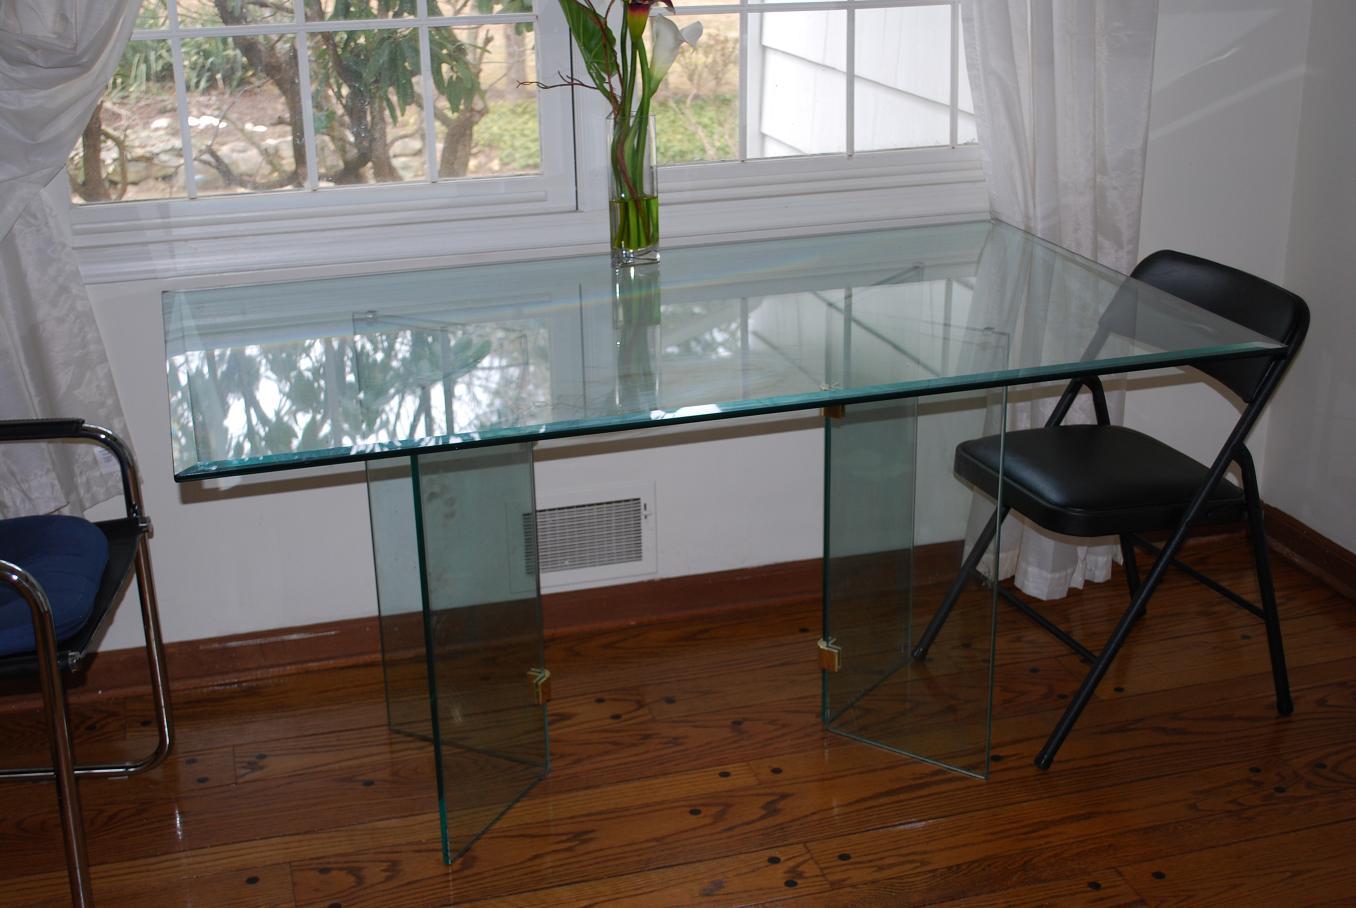 glas-køkken-borde-til-lave-et-let-on-the-eye-køkken-design-med-let-on-the-eye-udseende-4